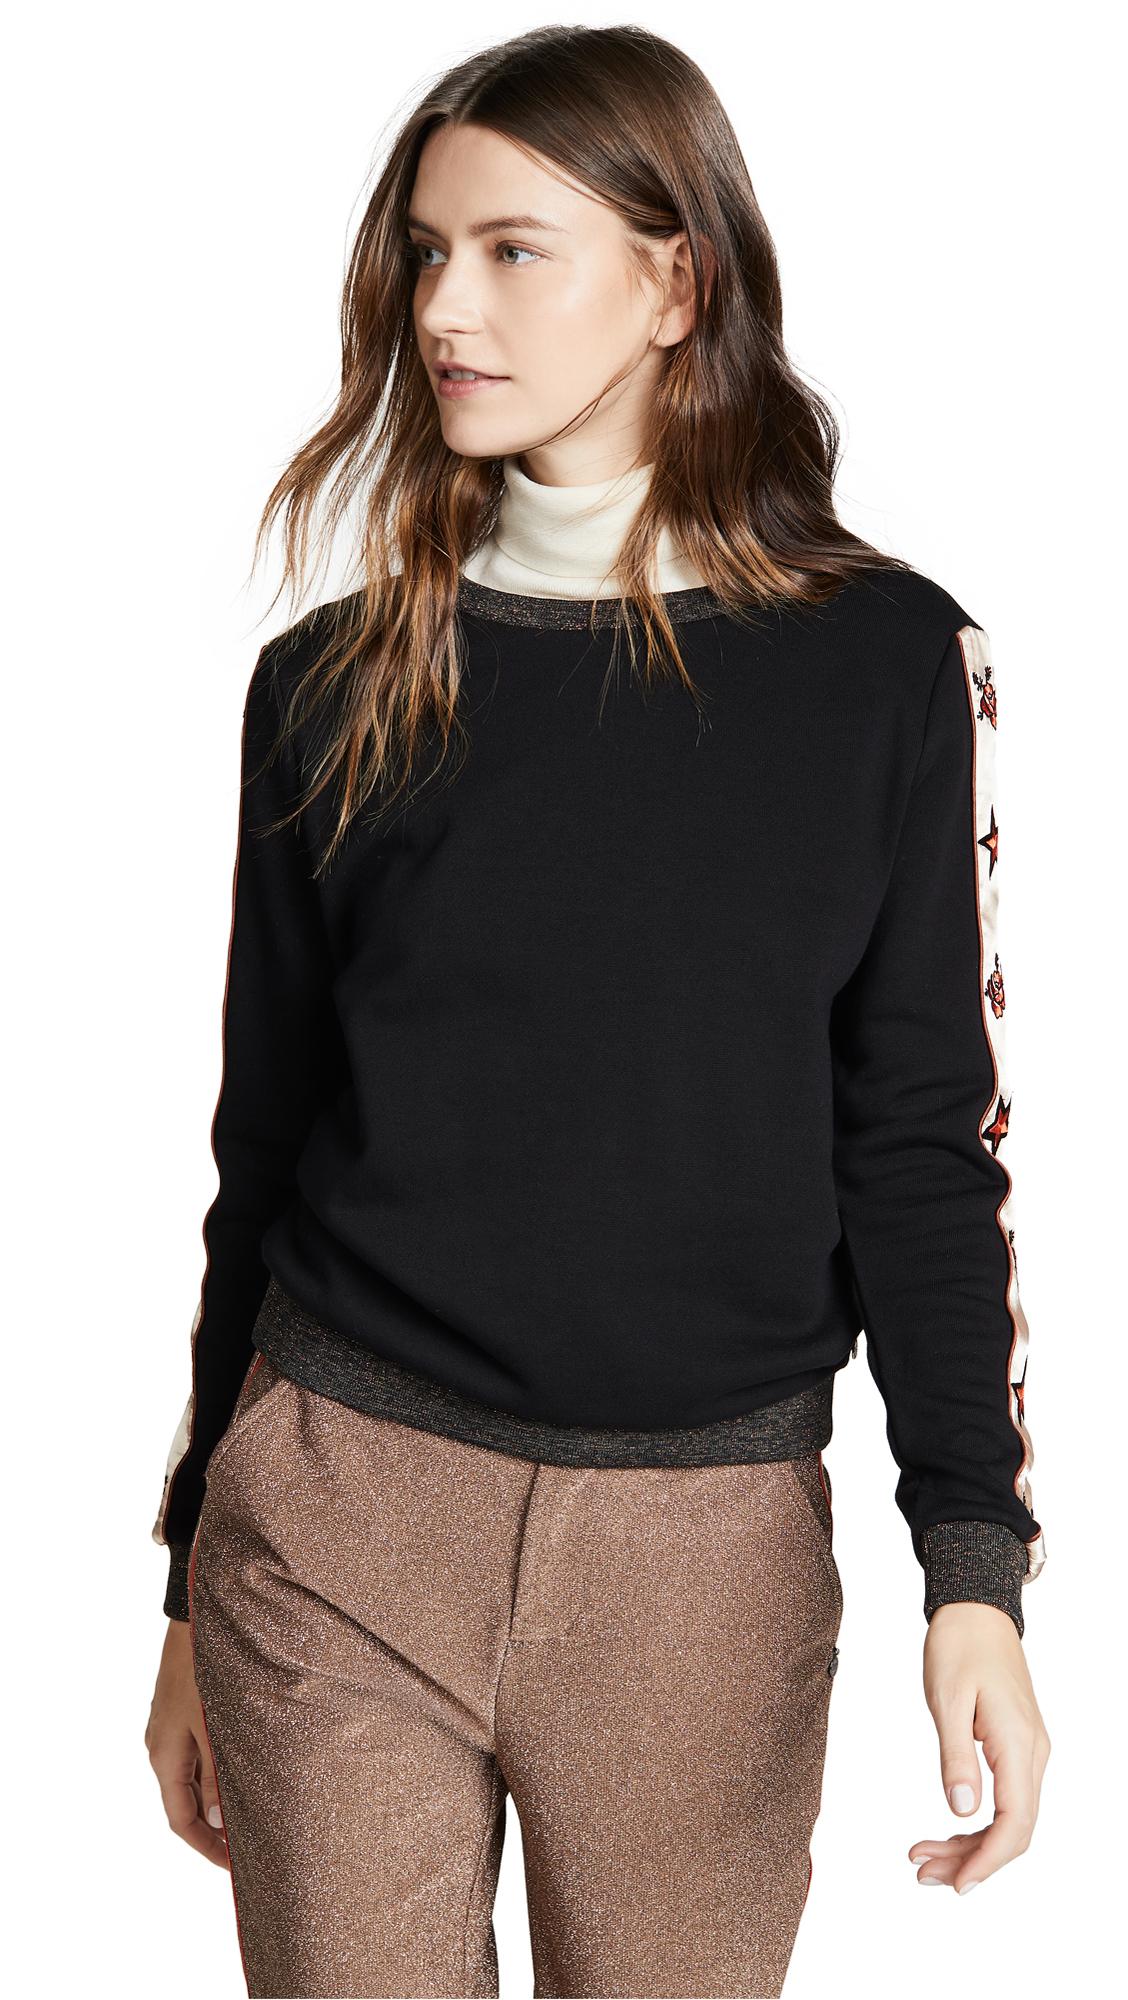 SCOTCH & SODA/MAISON SCOTCH Crew Neck Star Sweatshirt in Black